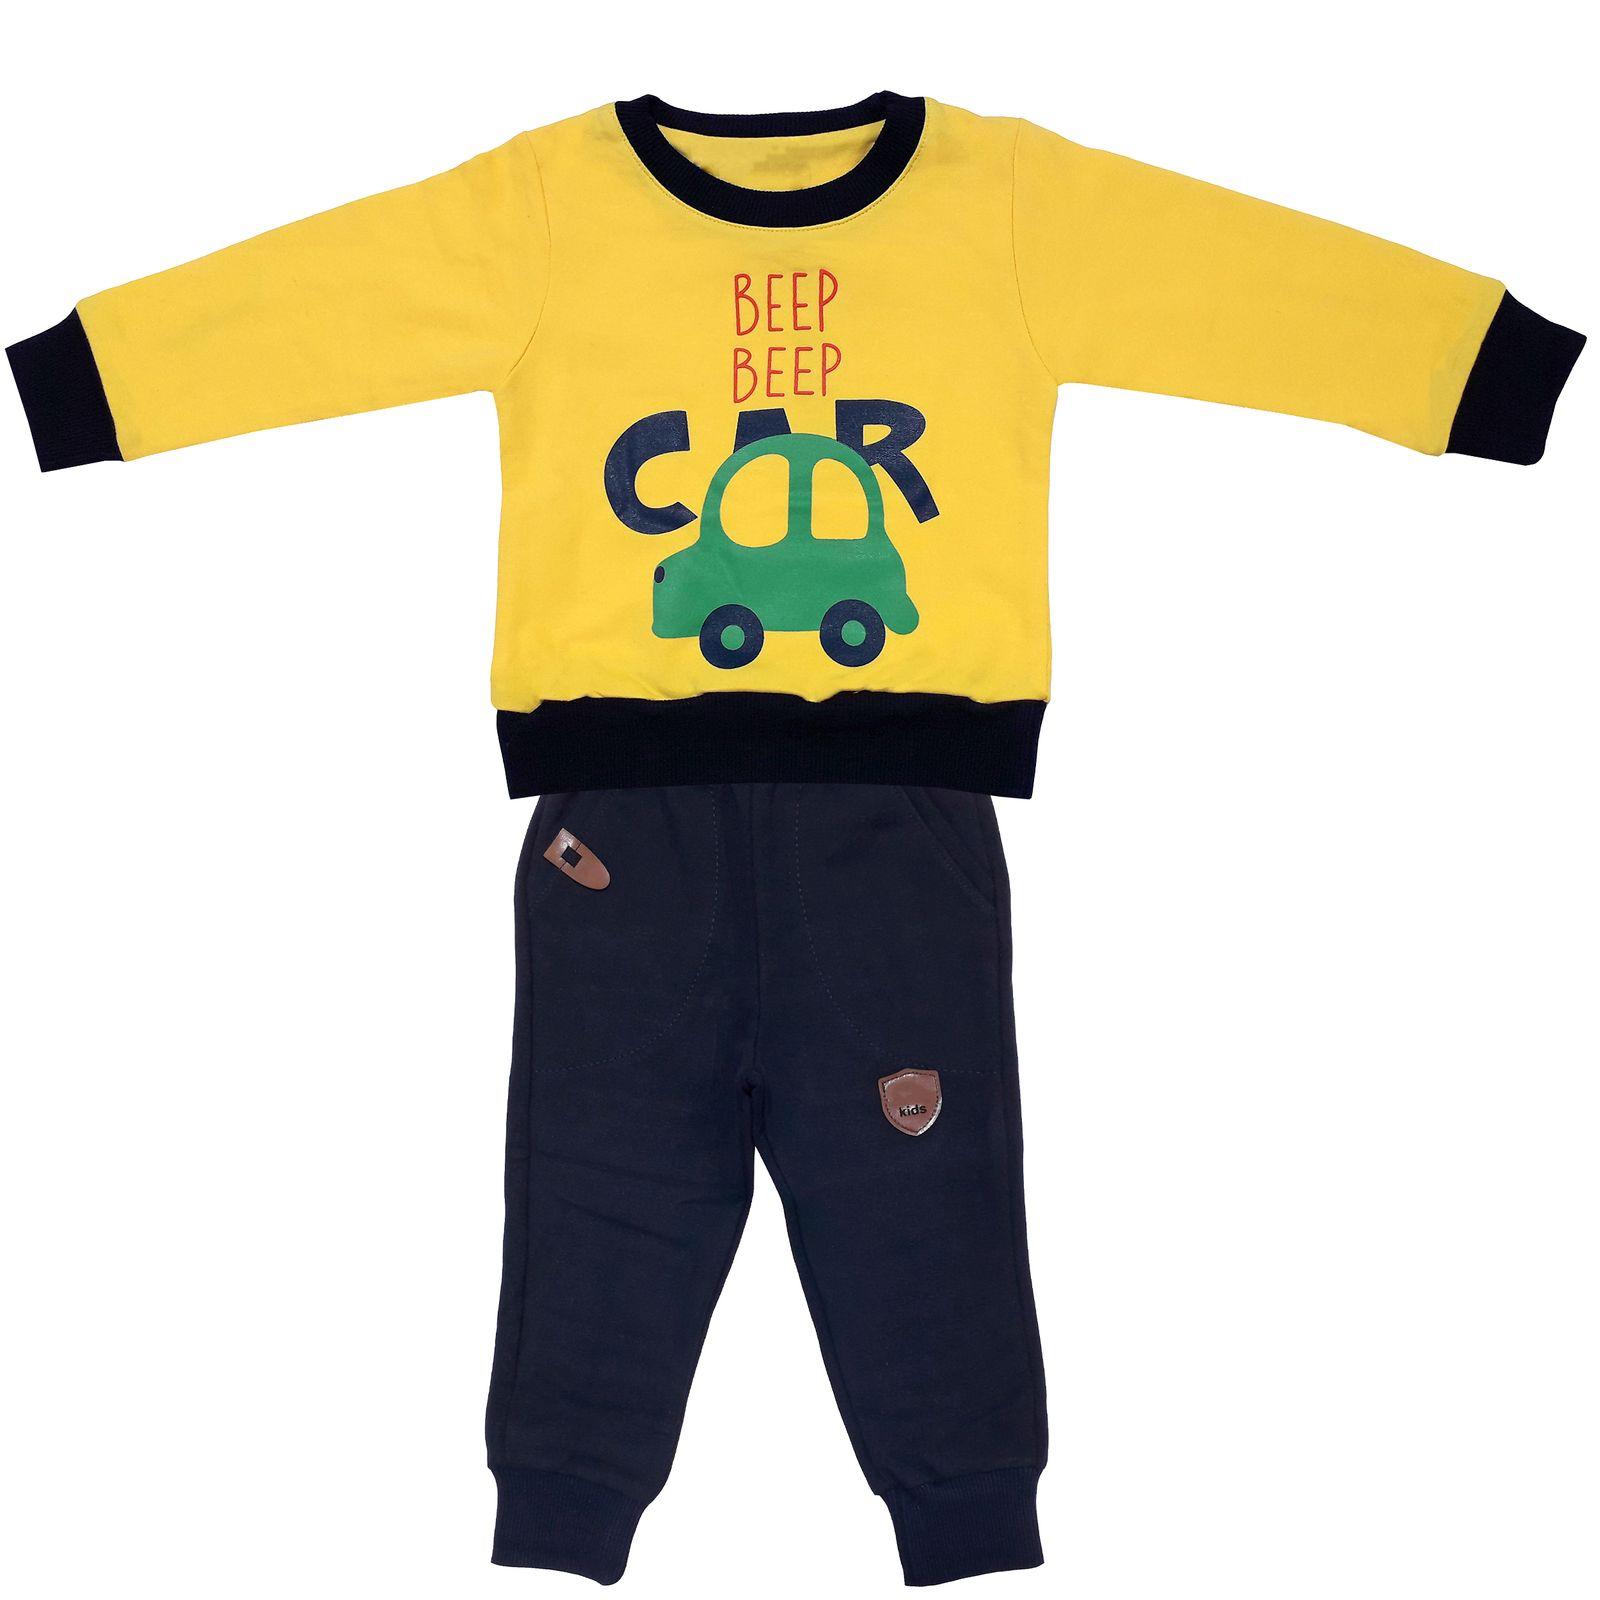 ست سویشرت و شلوار پسرانه طرح ماشین کد 3077 رنگ زرد -  - 3